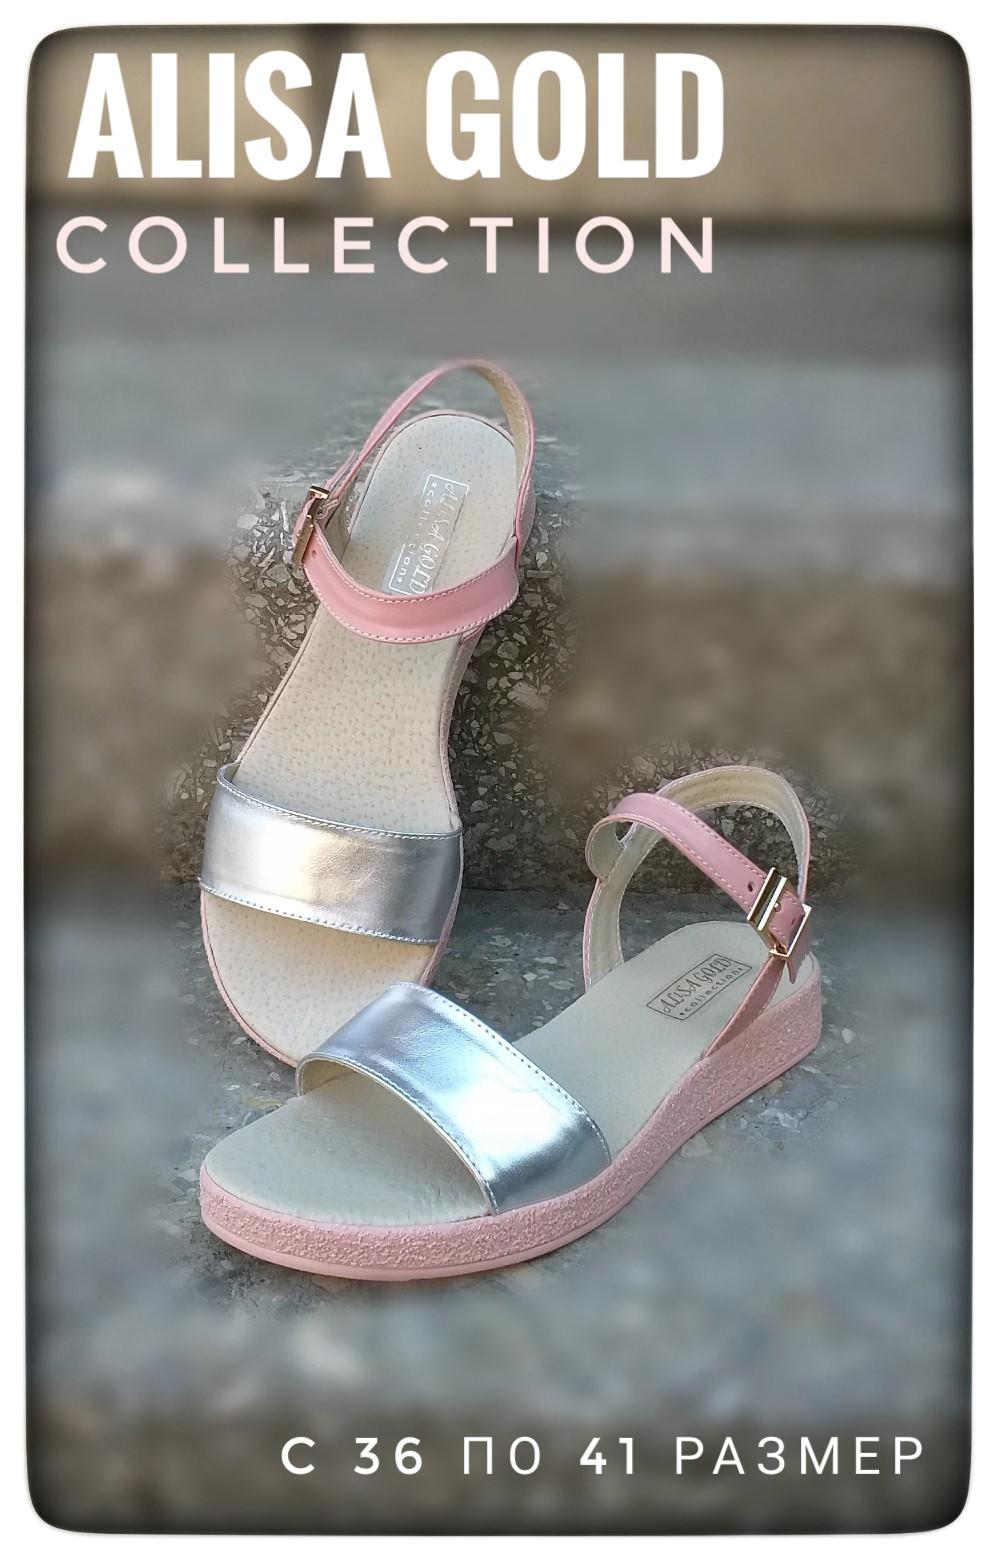 ec7ff1b7f Не пропусти закупку женской обуви Alisa Gold! Поспеши на обувь с оптовыми  скидками от -